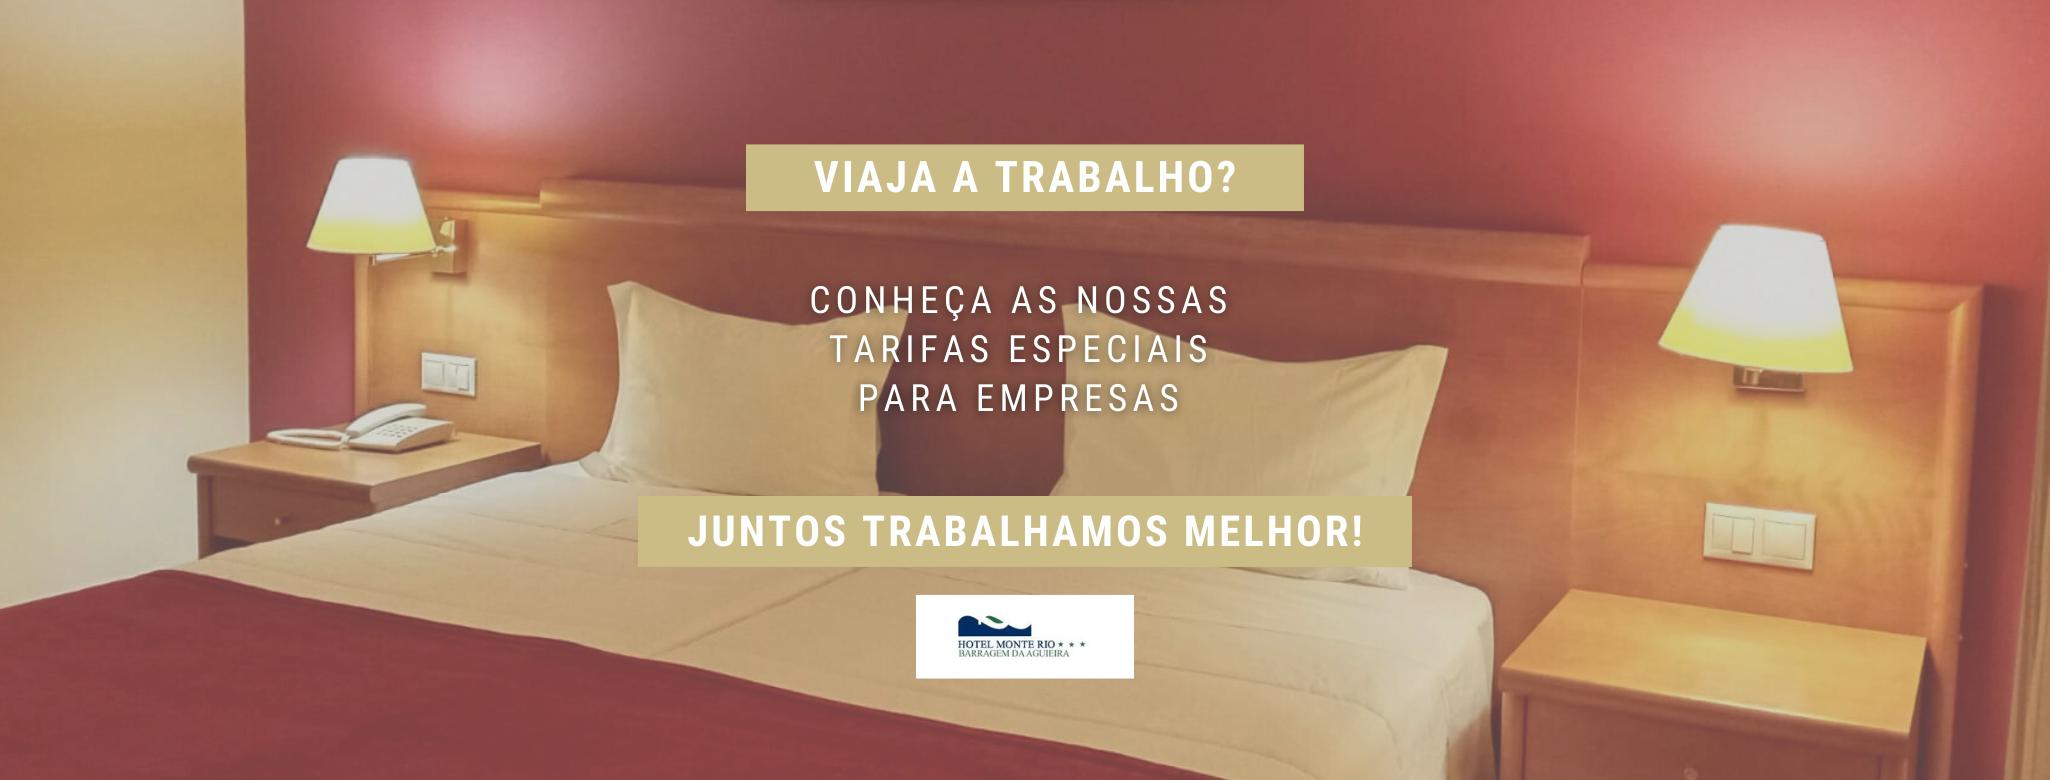 TARIFAS EXCLUSIVAS PARA EMPRESAS